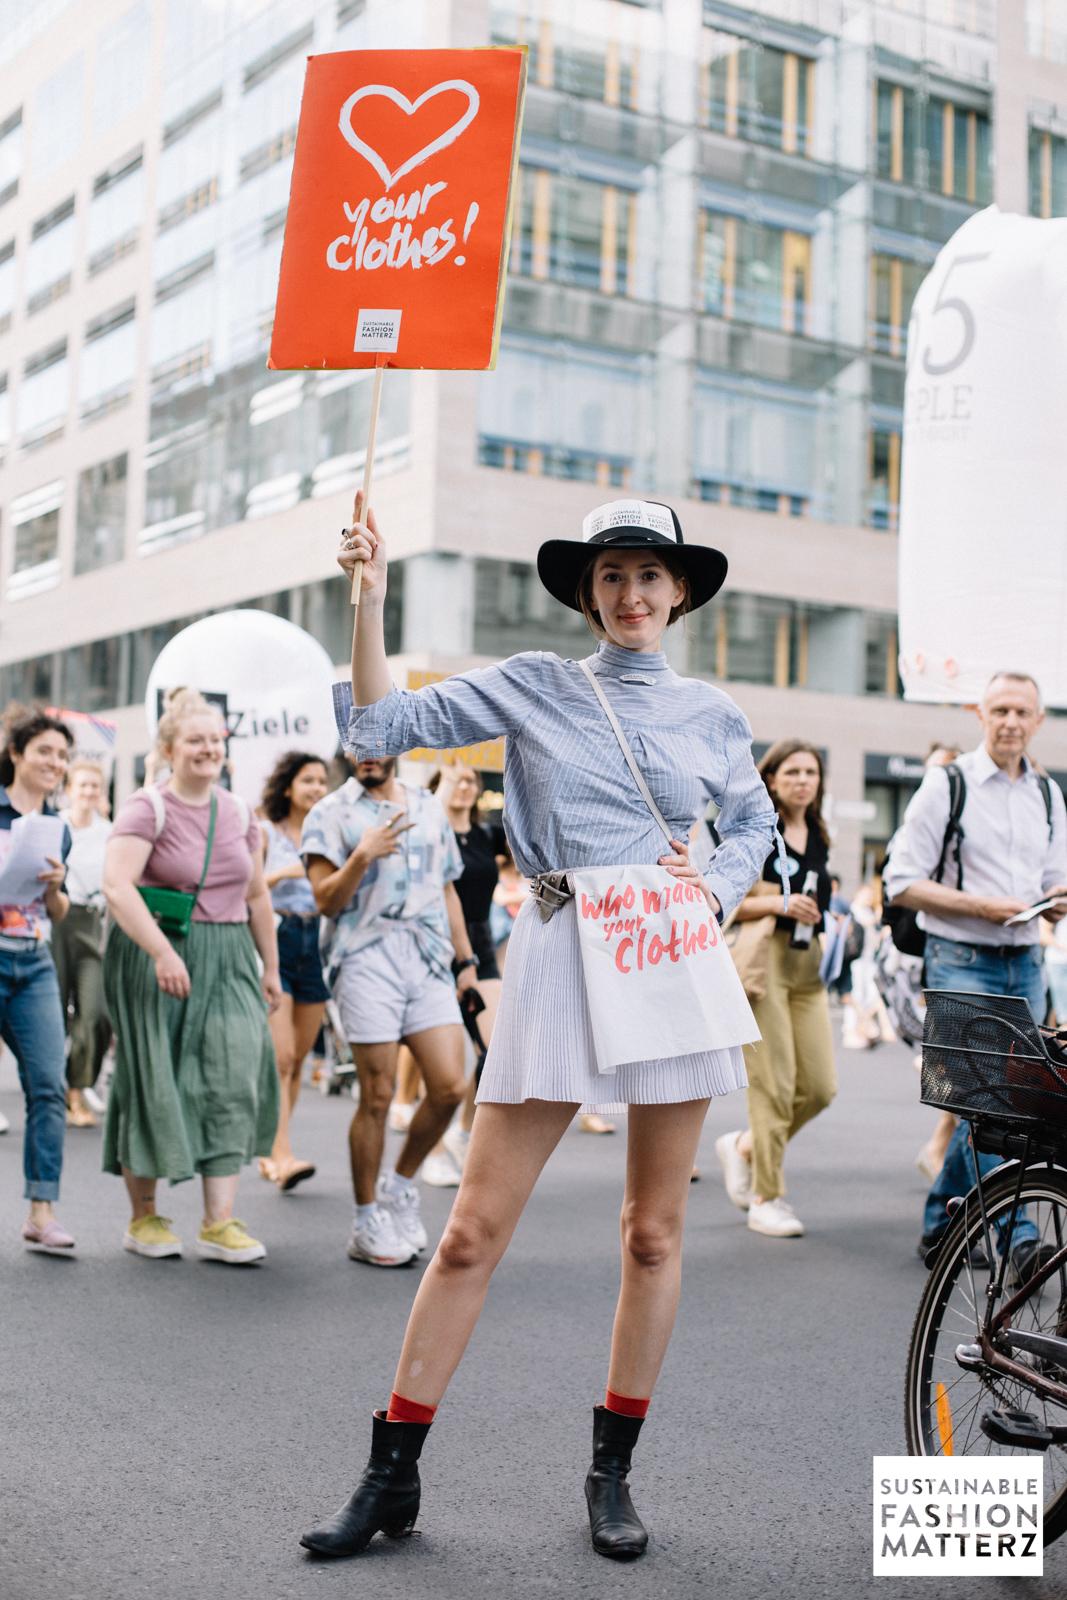 fashion-revolution-berlin-2019-56.jpg